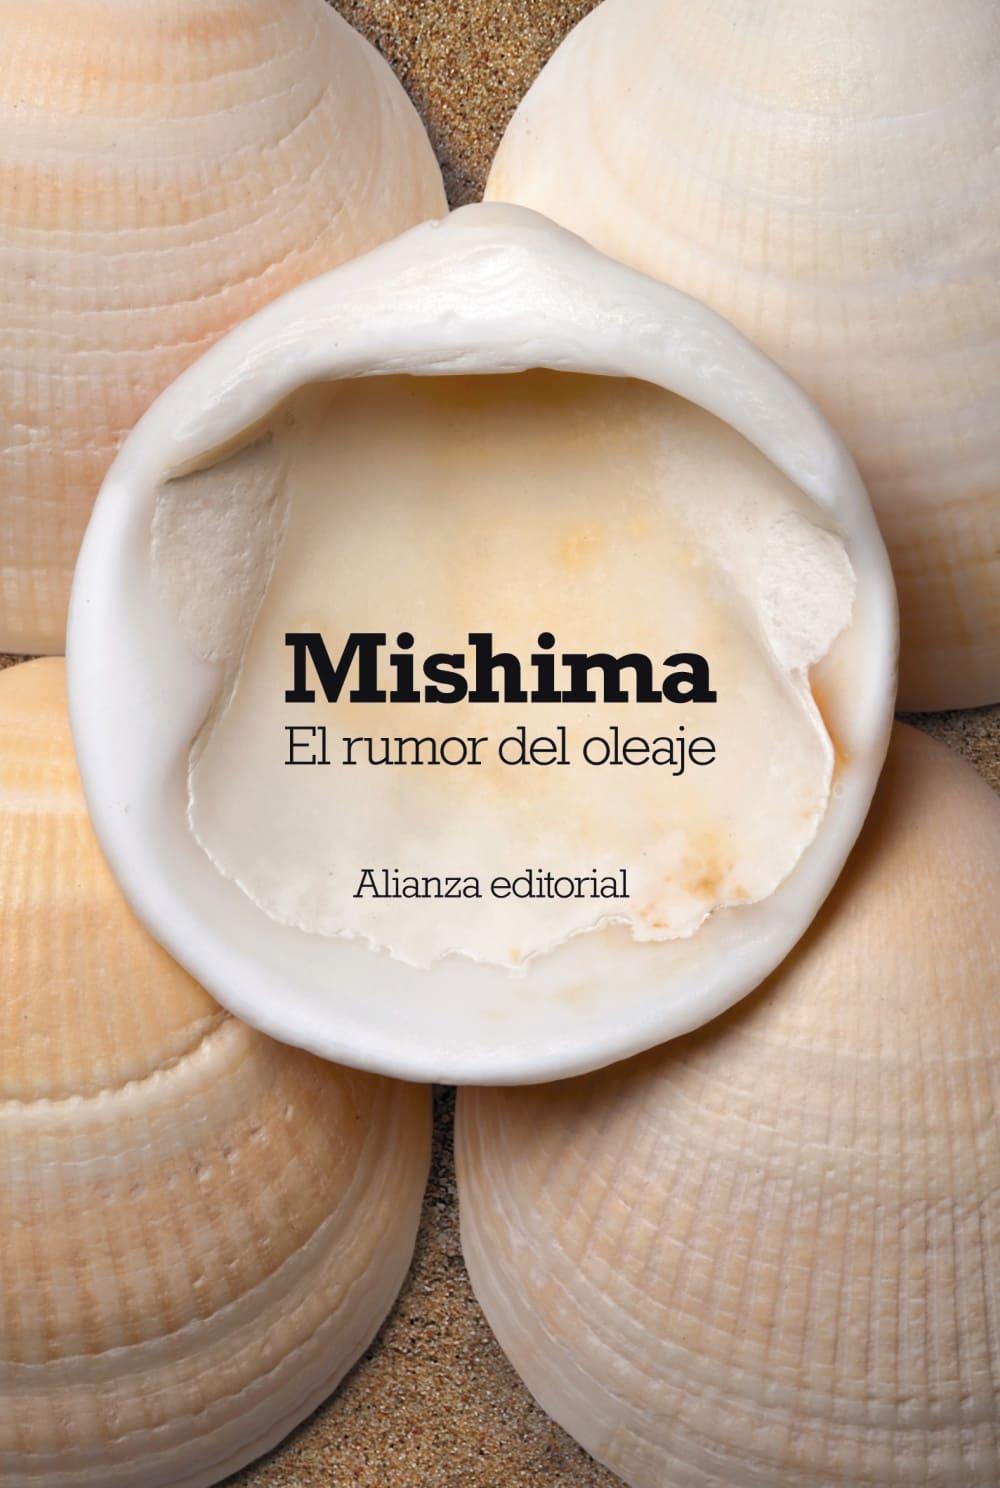 El rumor del olaje de Yukio Mishima